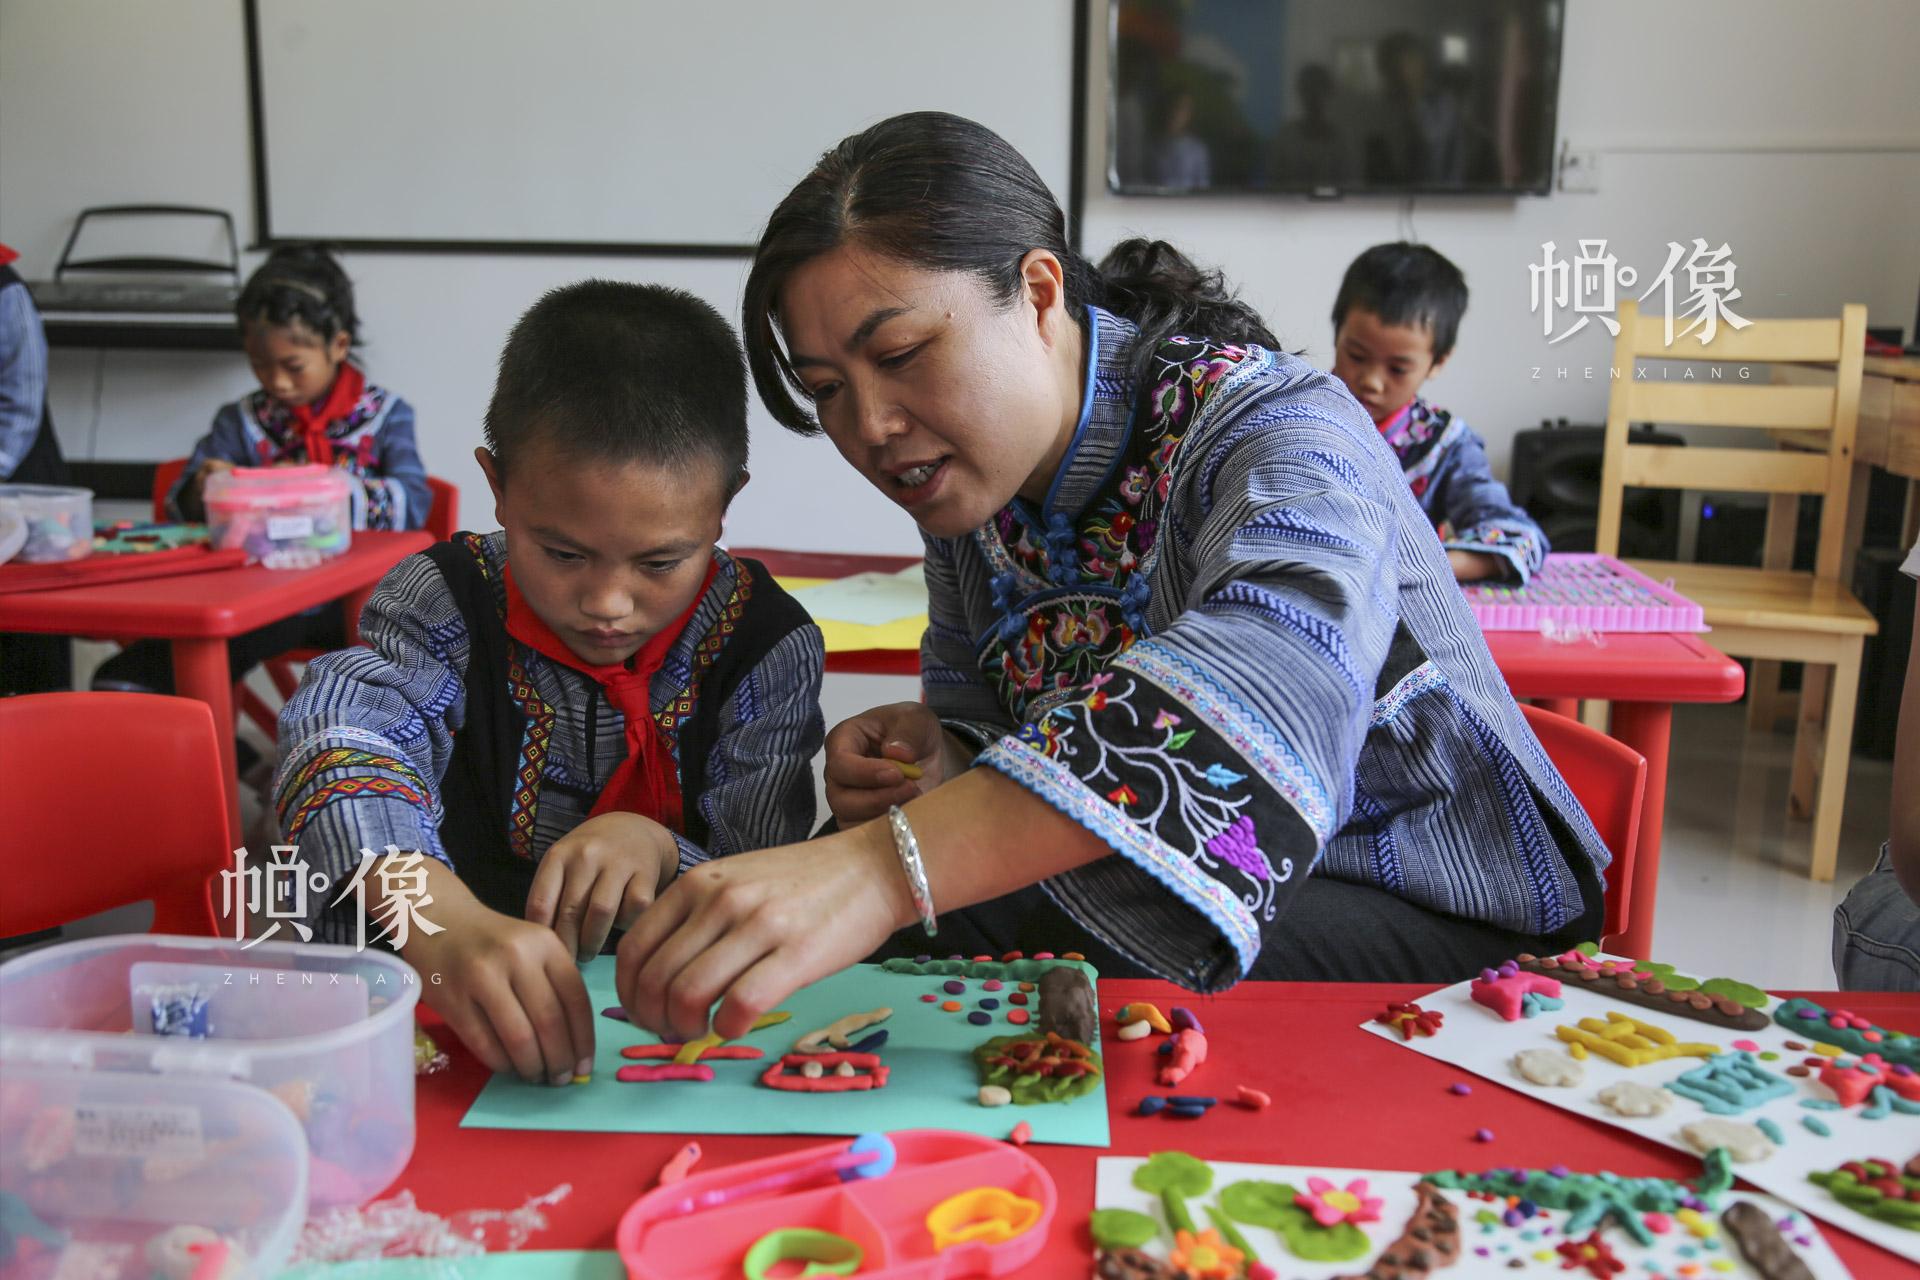 """余梅(右)是海庄村""""儿童快乐家园""""的一名志愿者,也是海庄小学三年级的班主任。罗天梁的爱心妈妈余梅说,""""孩子们说我以前只能在学校关心他们。现在有了'儿童快乐家园',我可以在课外教他们看书、做作业。我觉得这个家园给了孩子们一种家的感觉,一个快乐的天地。""""中国网记者 黄富友 摄"""